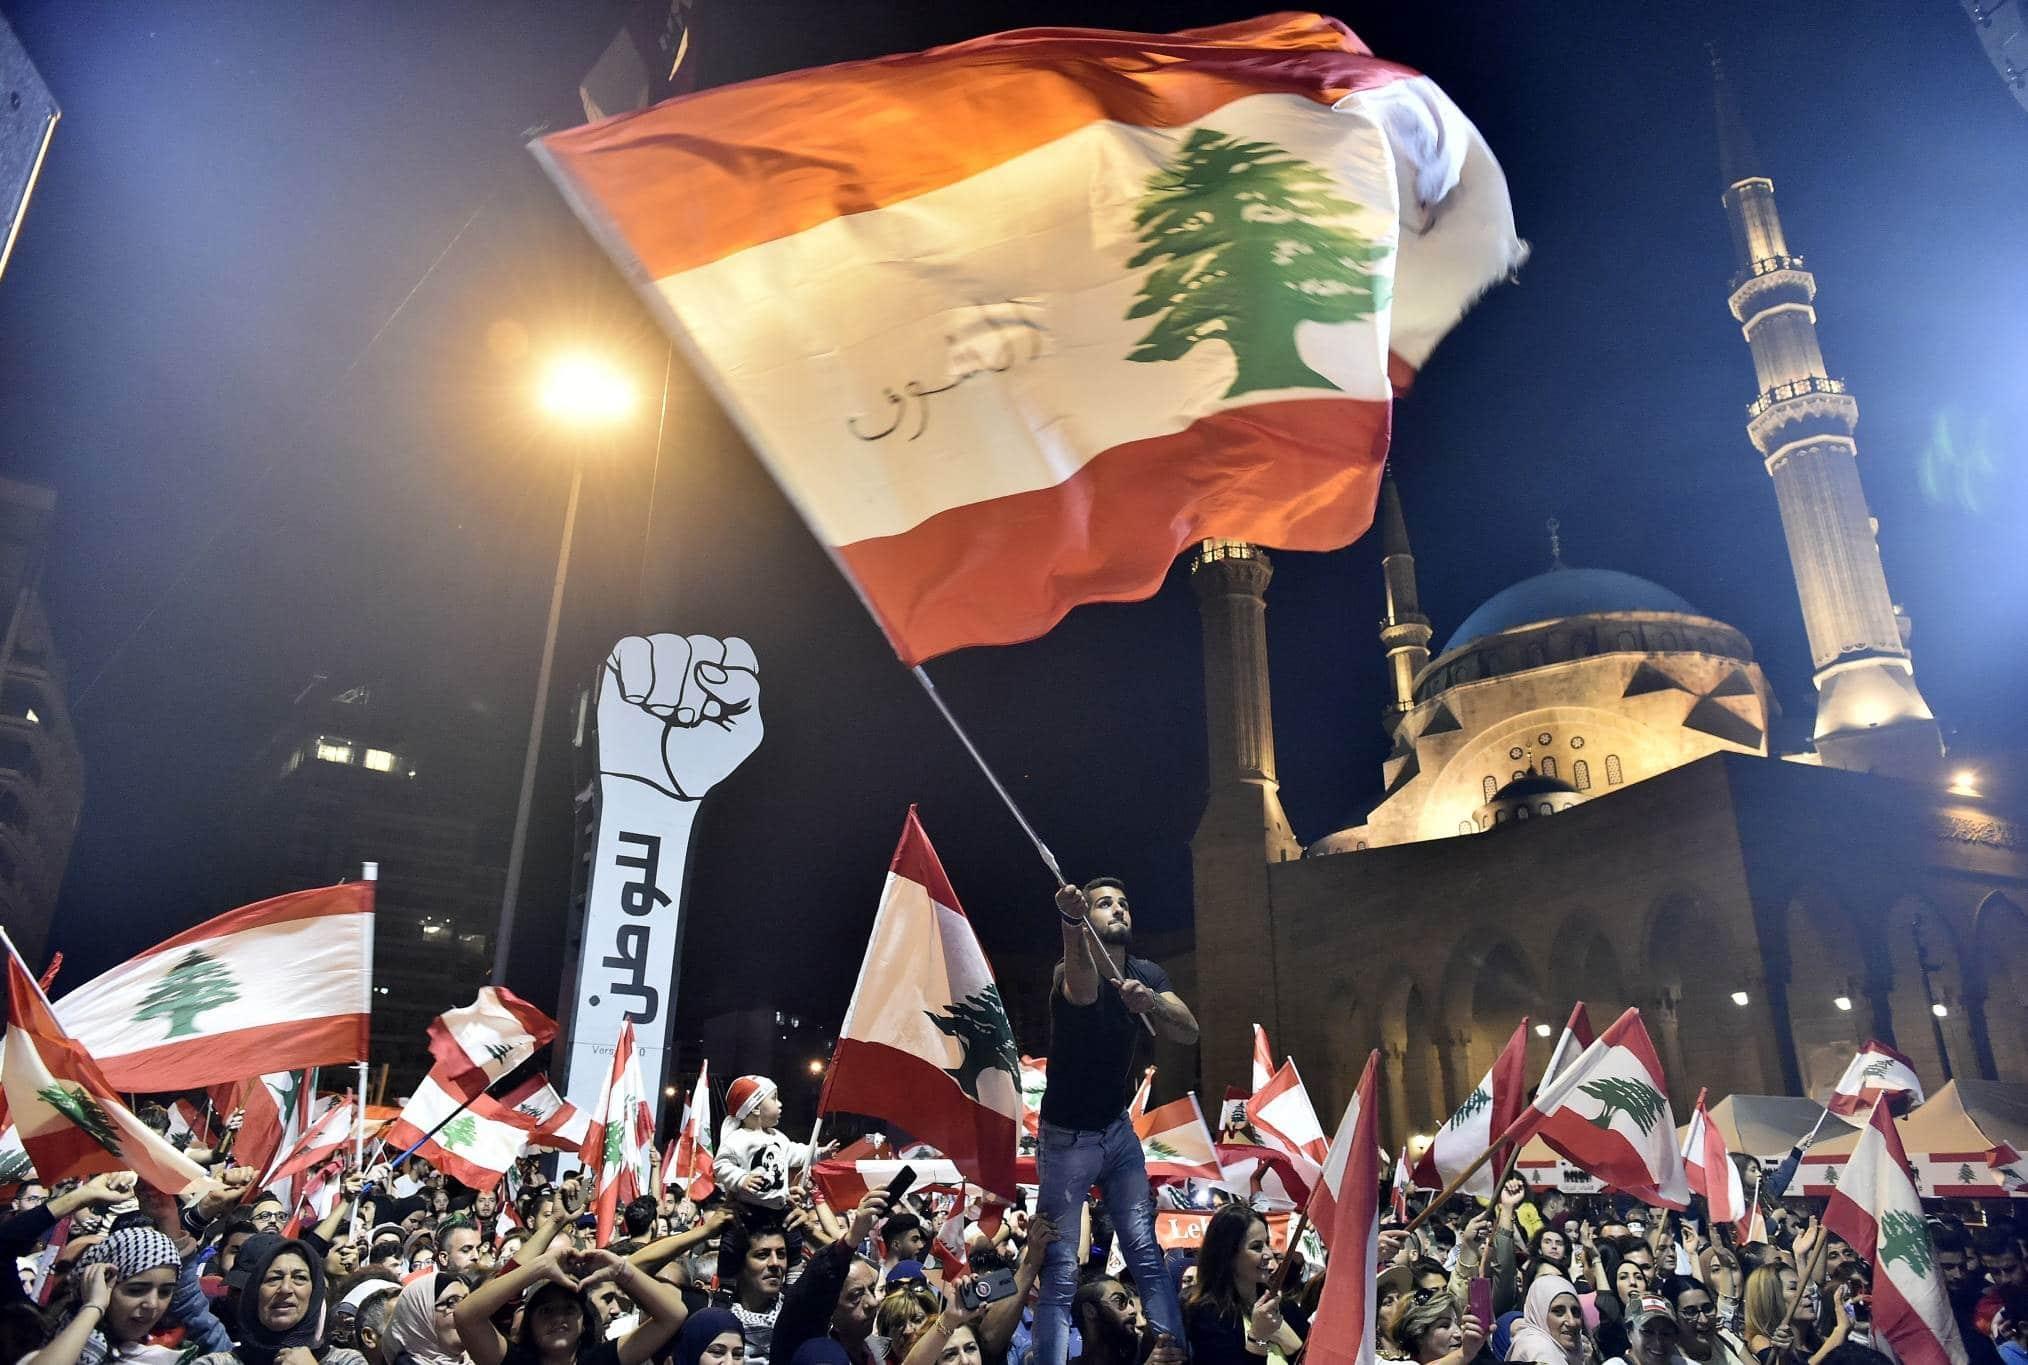 رفع الدعم عن الوقود يشعل لبنان.. المحتجون قطعوا الطرقات وأشعلوا النيران وغضب على مواقع التواصل